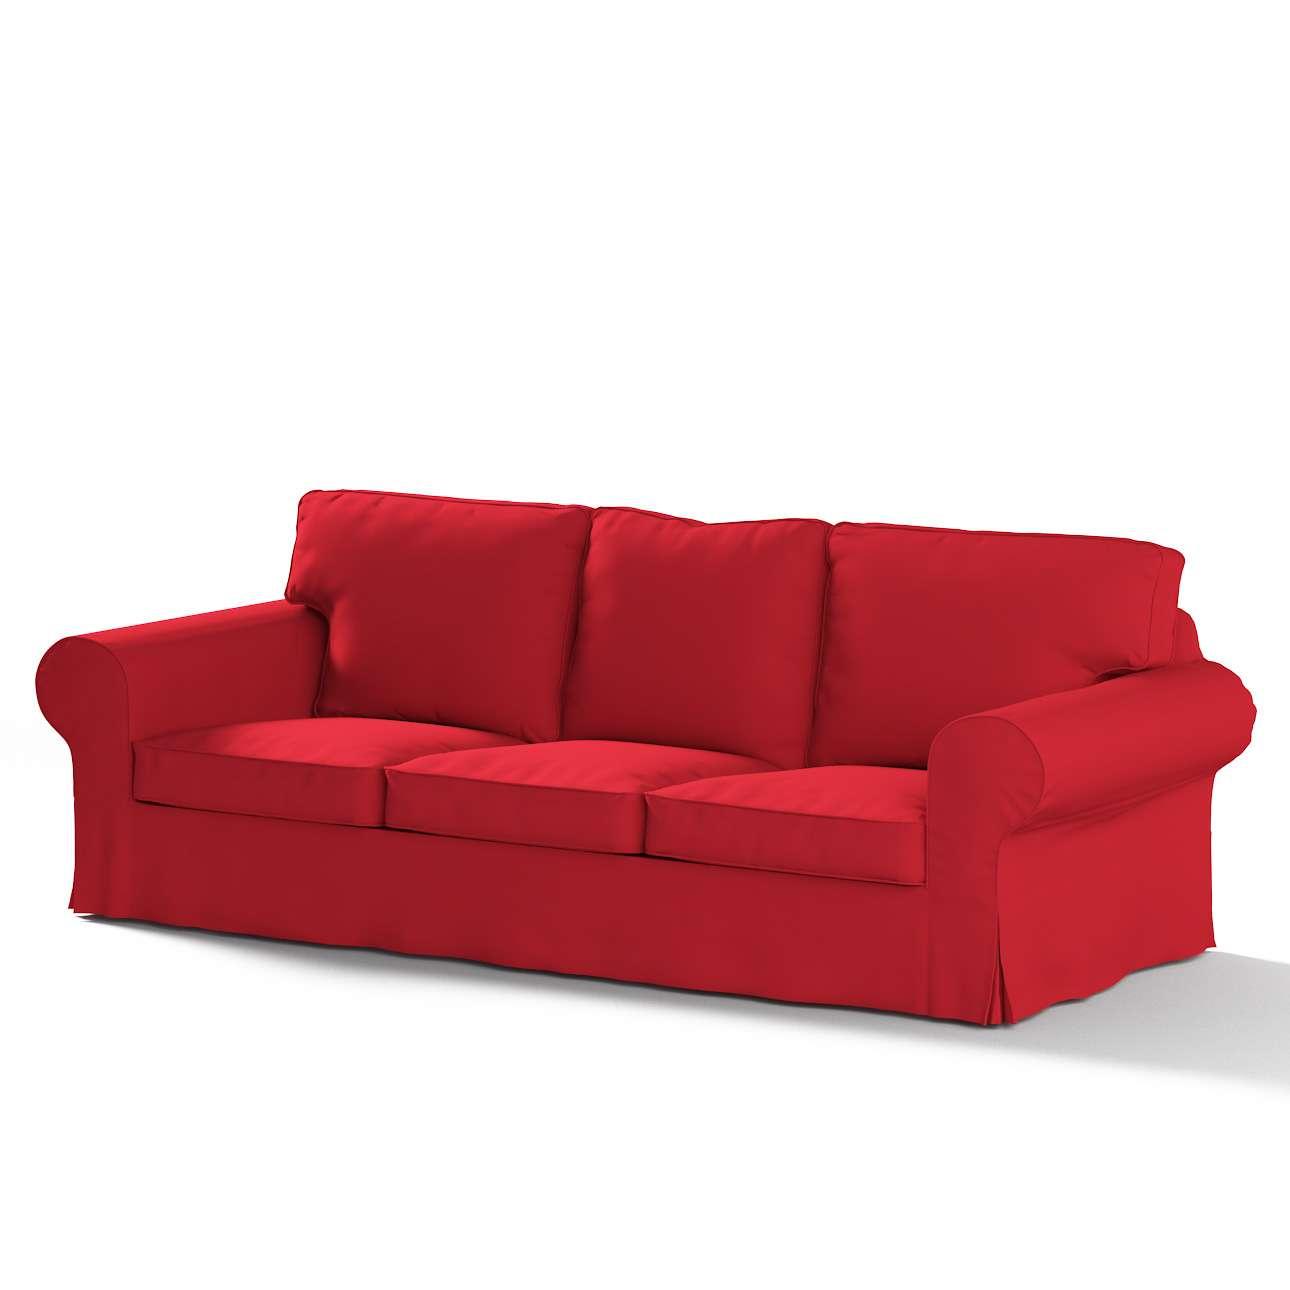 Pokrowiec na sofę Ektorp 3-osobową, rozkładaną, PIXBO w kolekcji Cotton Panama, tkanina: 702-04